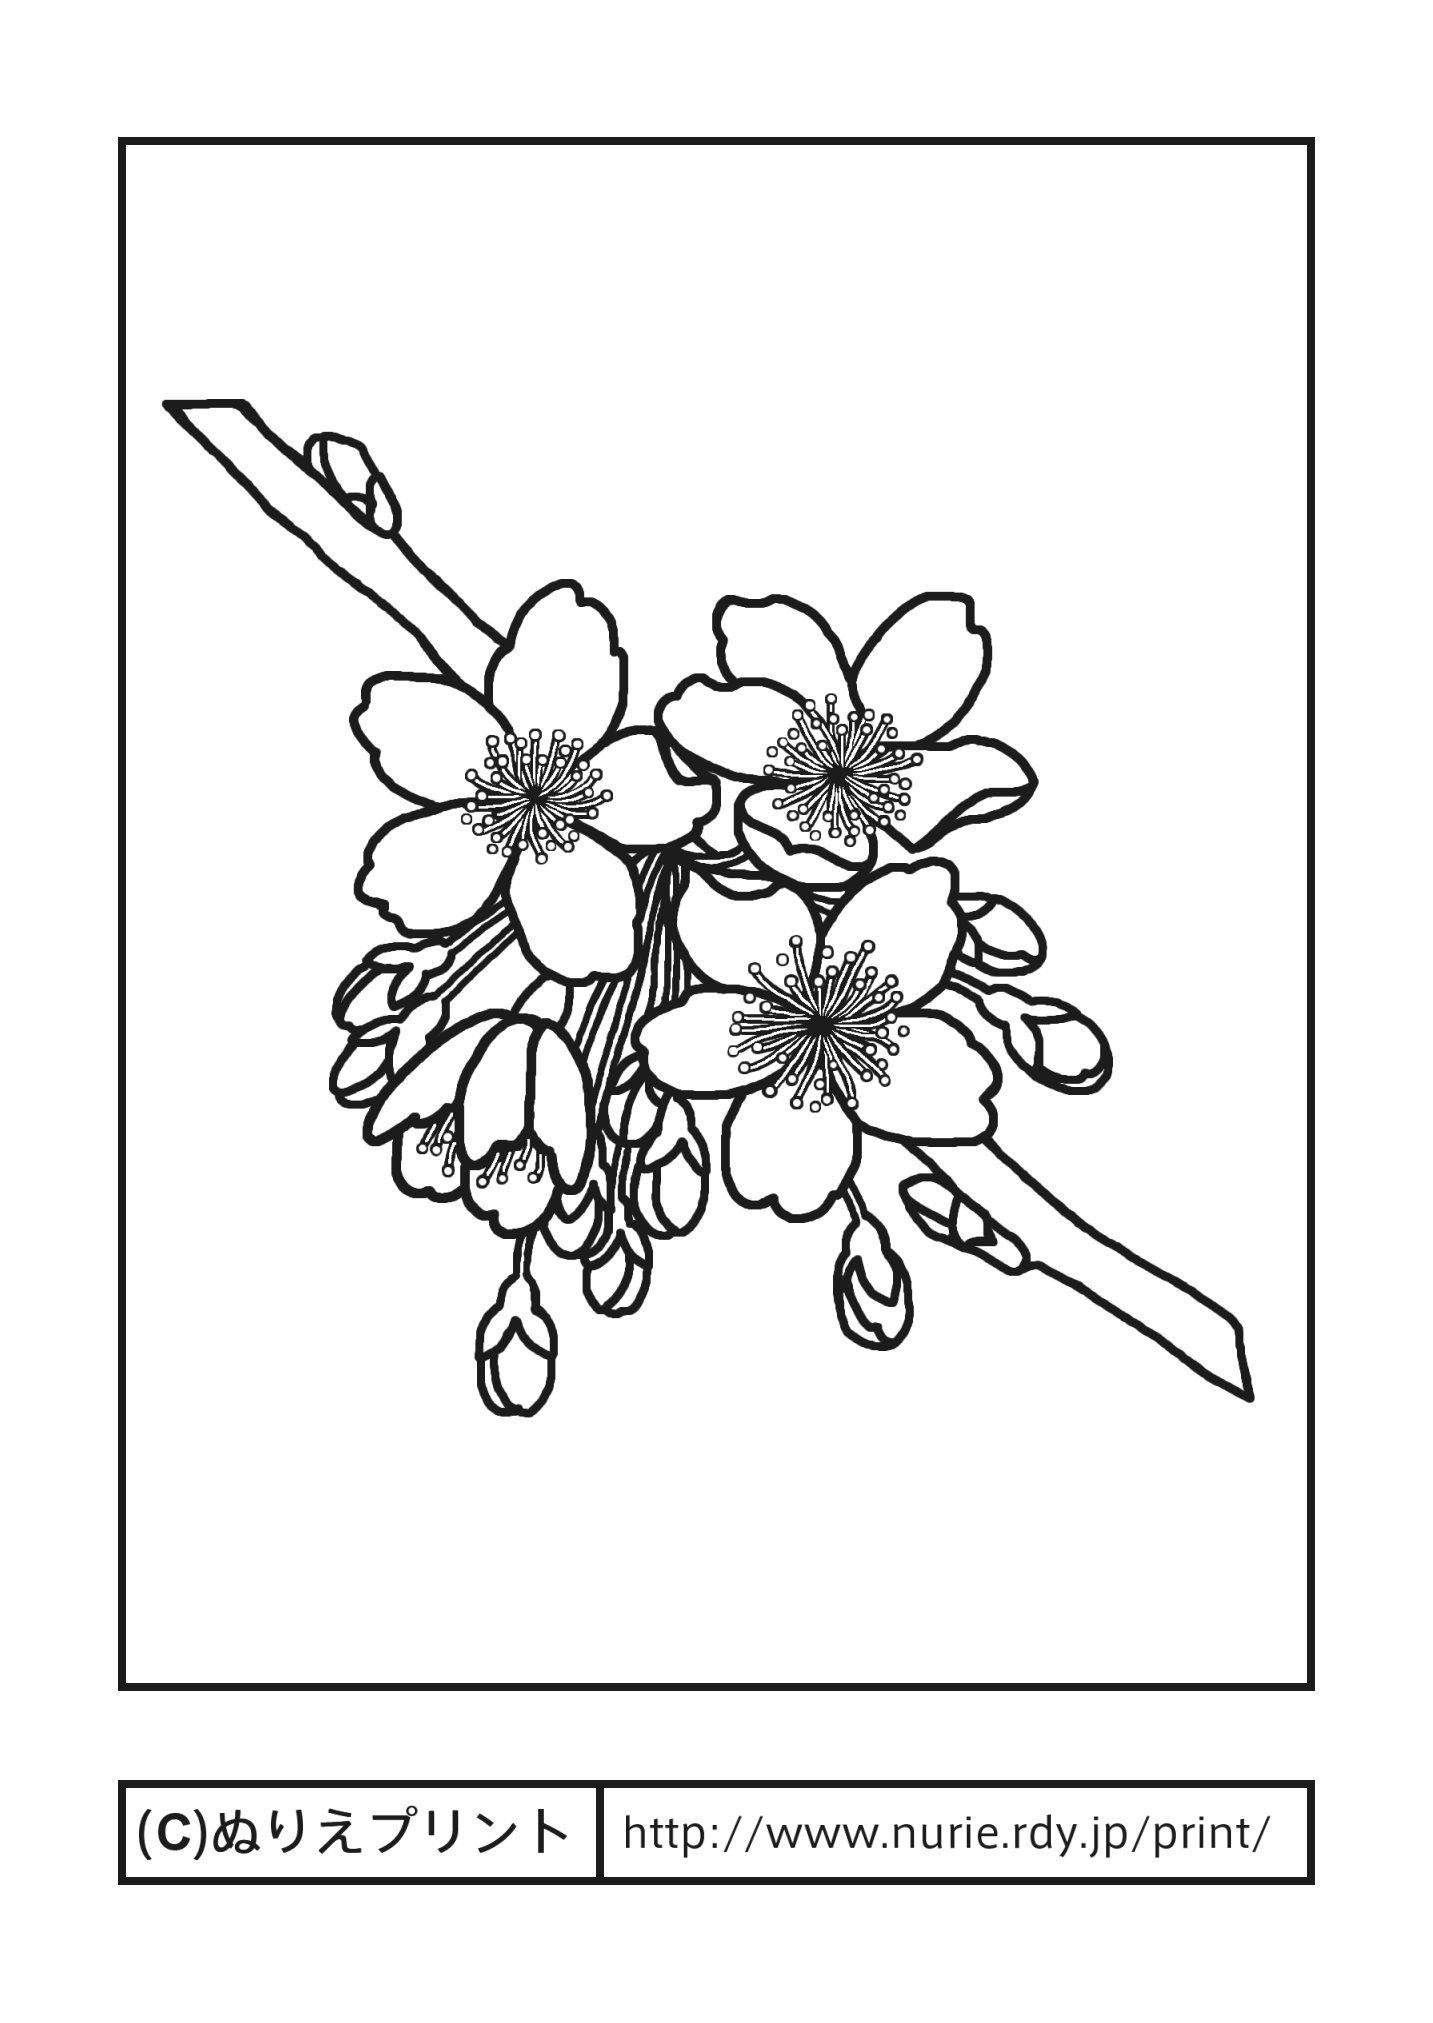 サクラ(主線・黒)/春の花/無料塗り絵イラスト【ぬりえプリント】